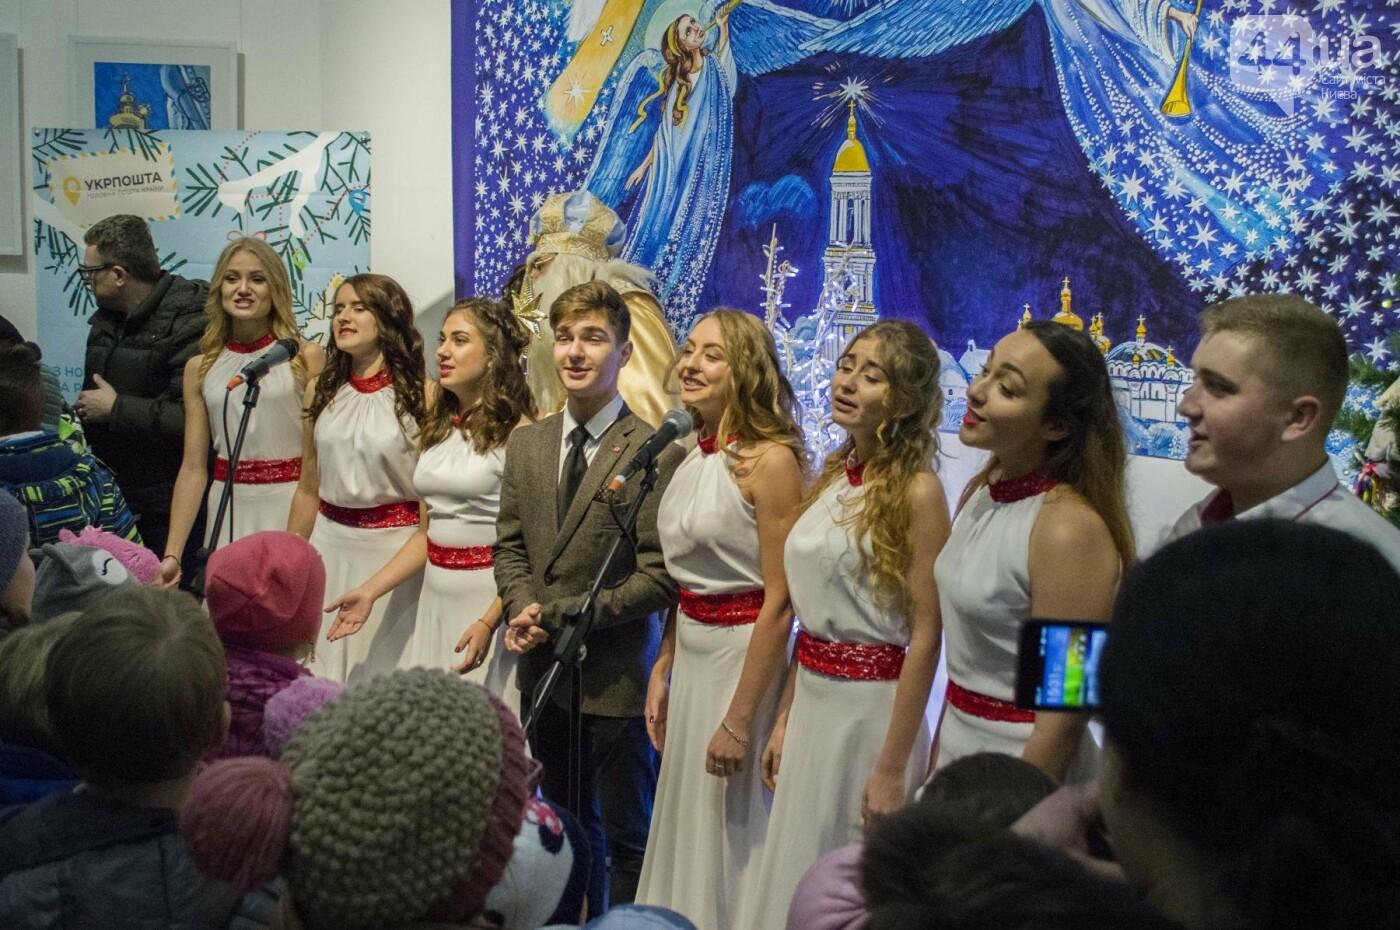 В Киеве торжественно открыли резиденцию Святого Николая, как это было, фото-11